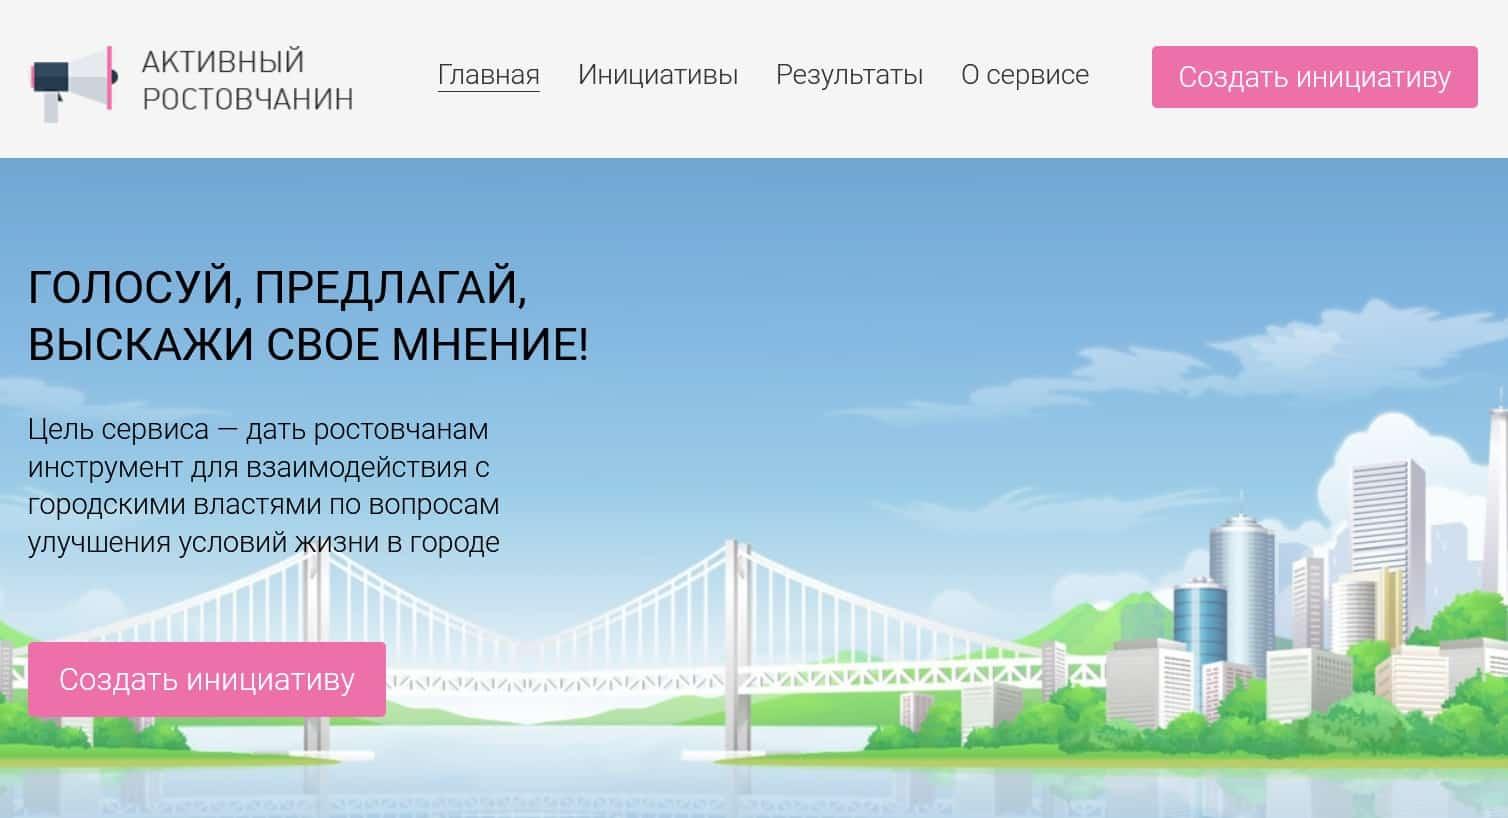 Сайт Активный ростовчанин